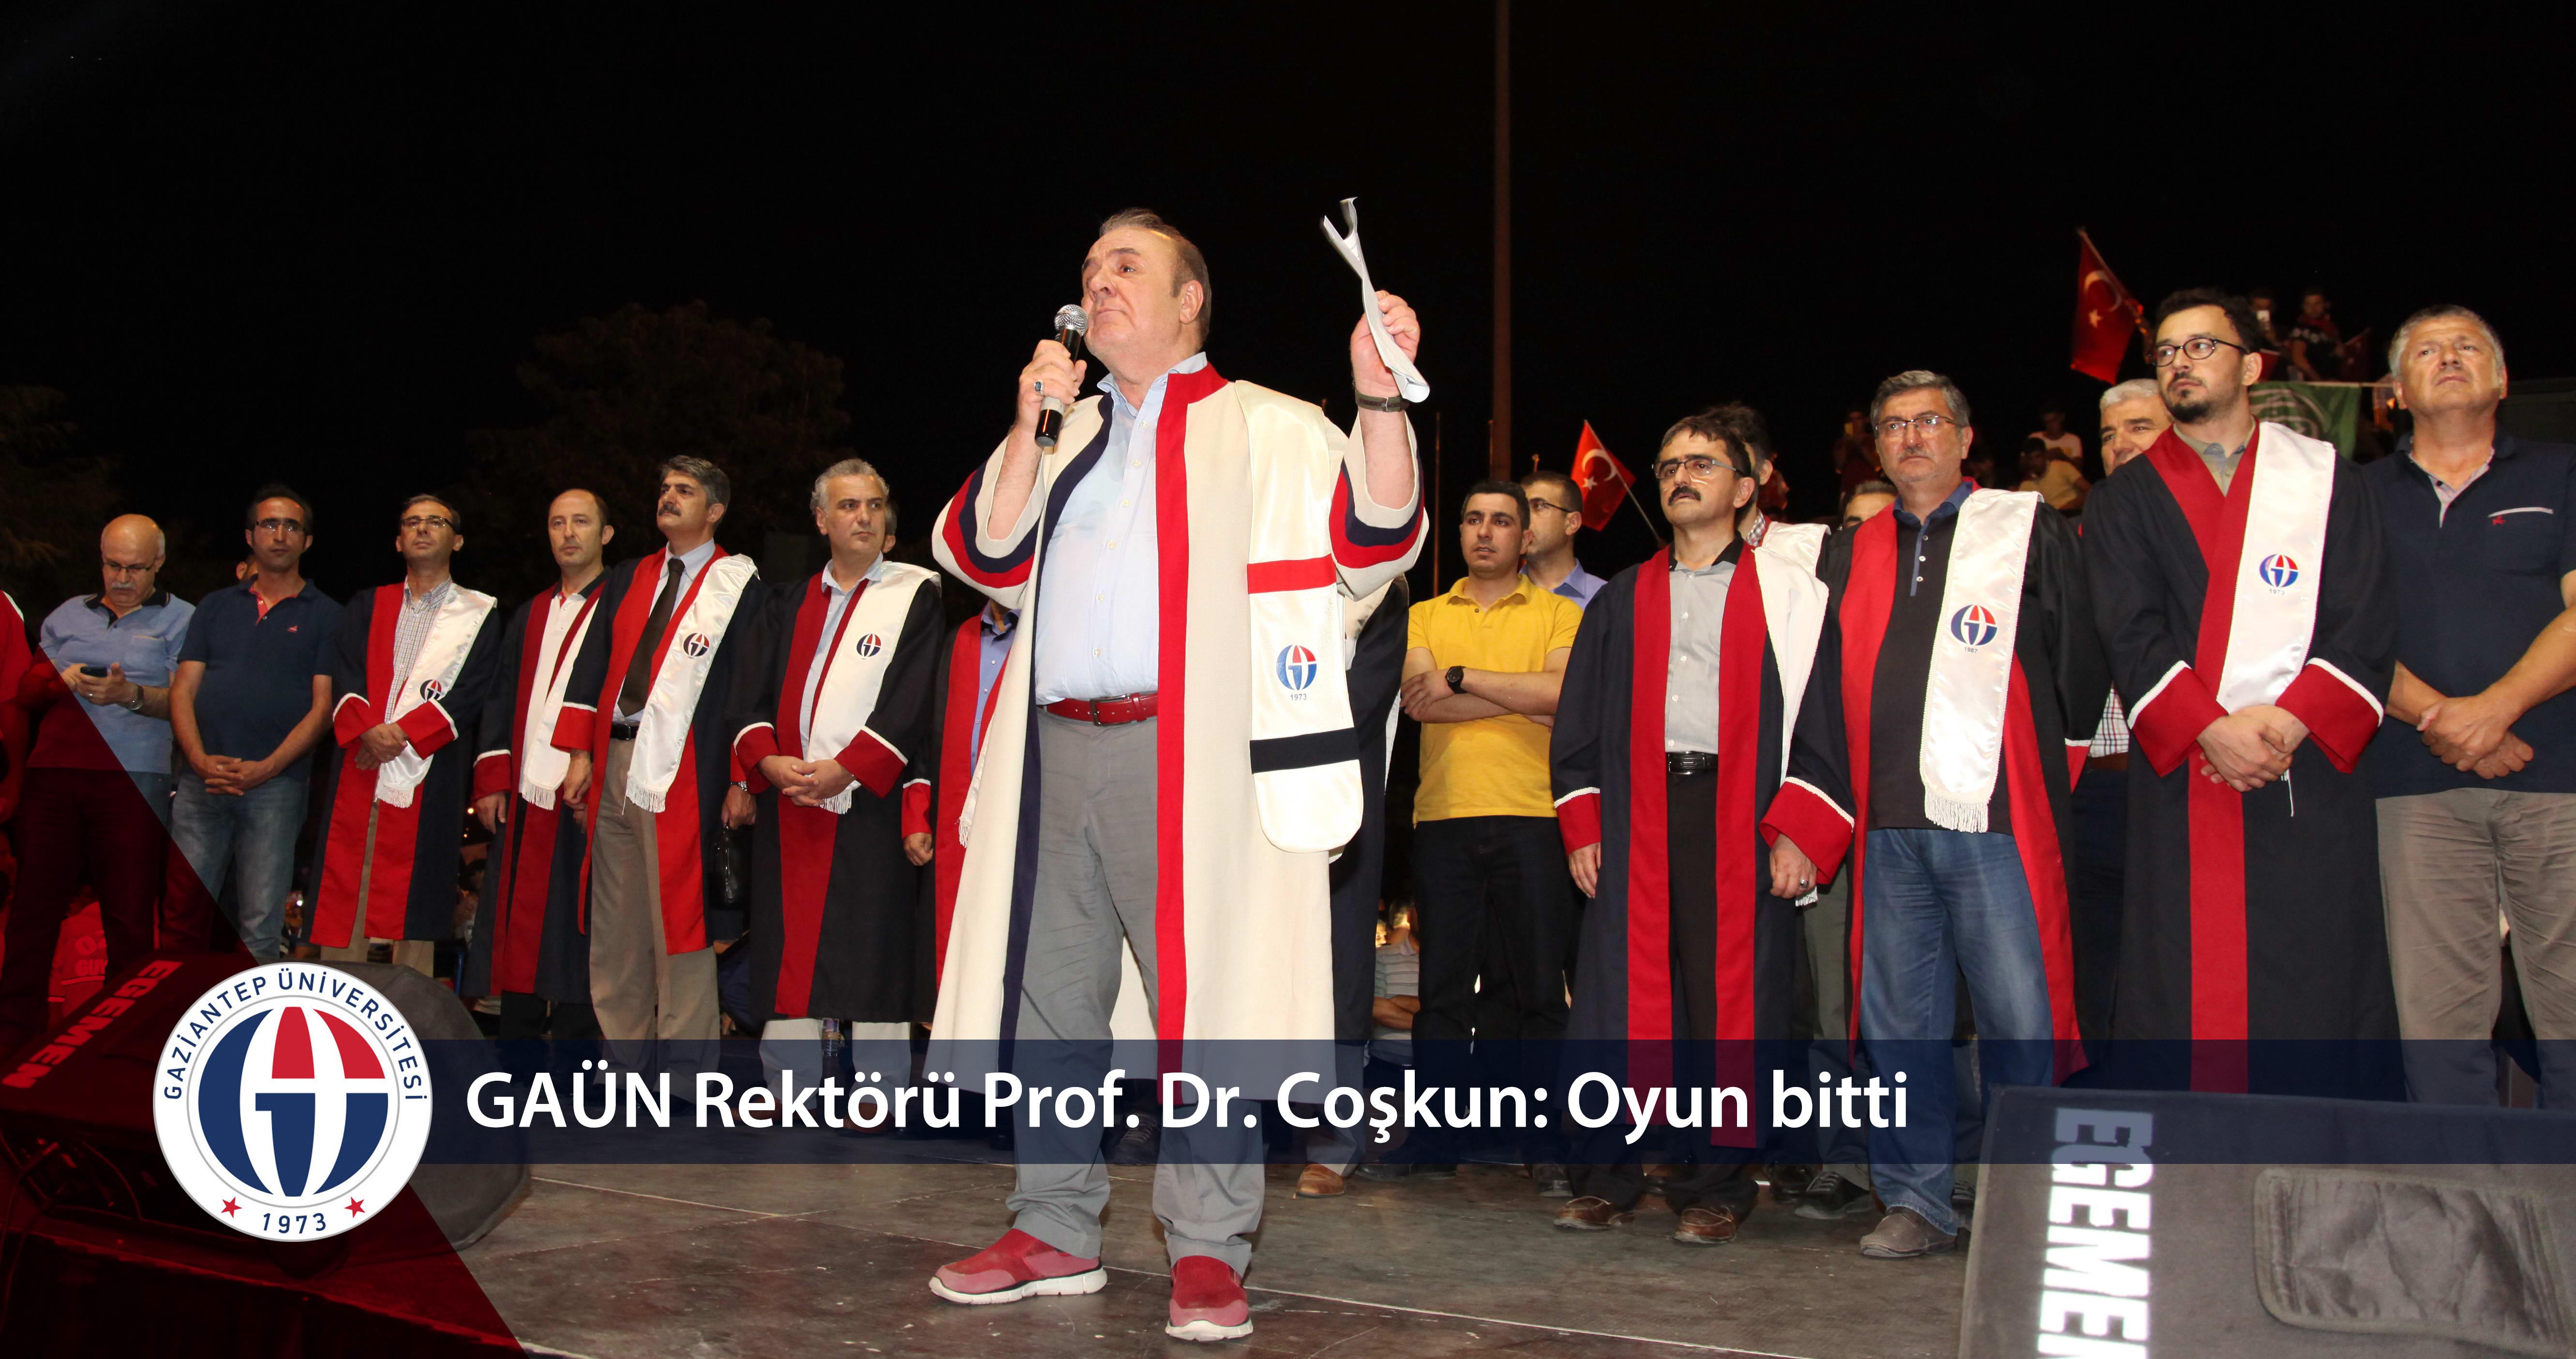 Gaziantep Üniversitesi Senatosu Demokrasi Nöbeti için Demokrasi Meydanı'na gitti - _